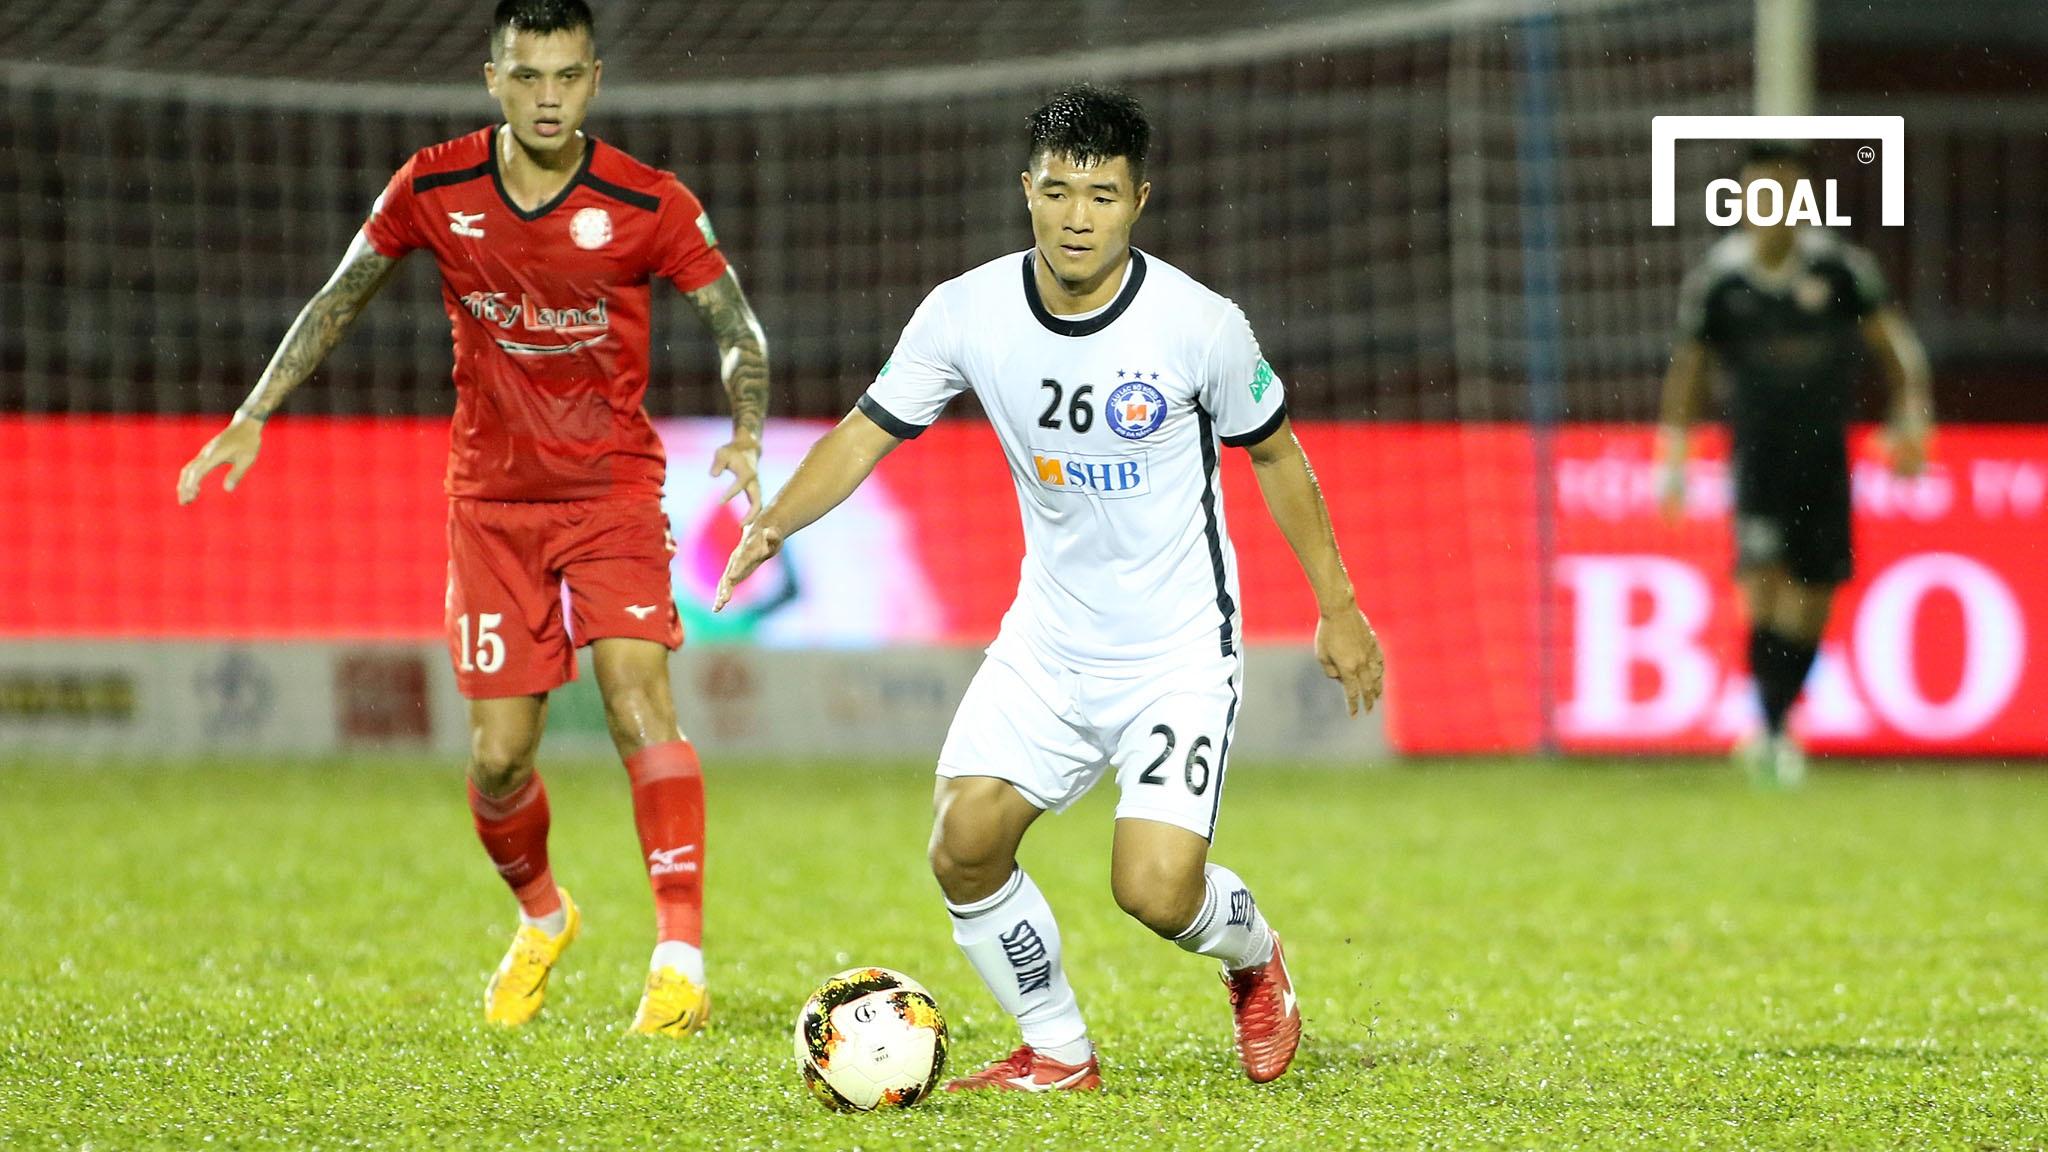 CLB TP.HCM SHB Đà Nẵng Vòng 19 V.League 2018